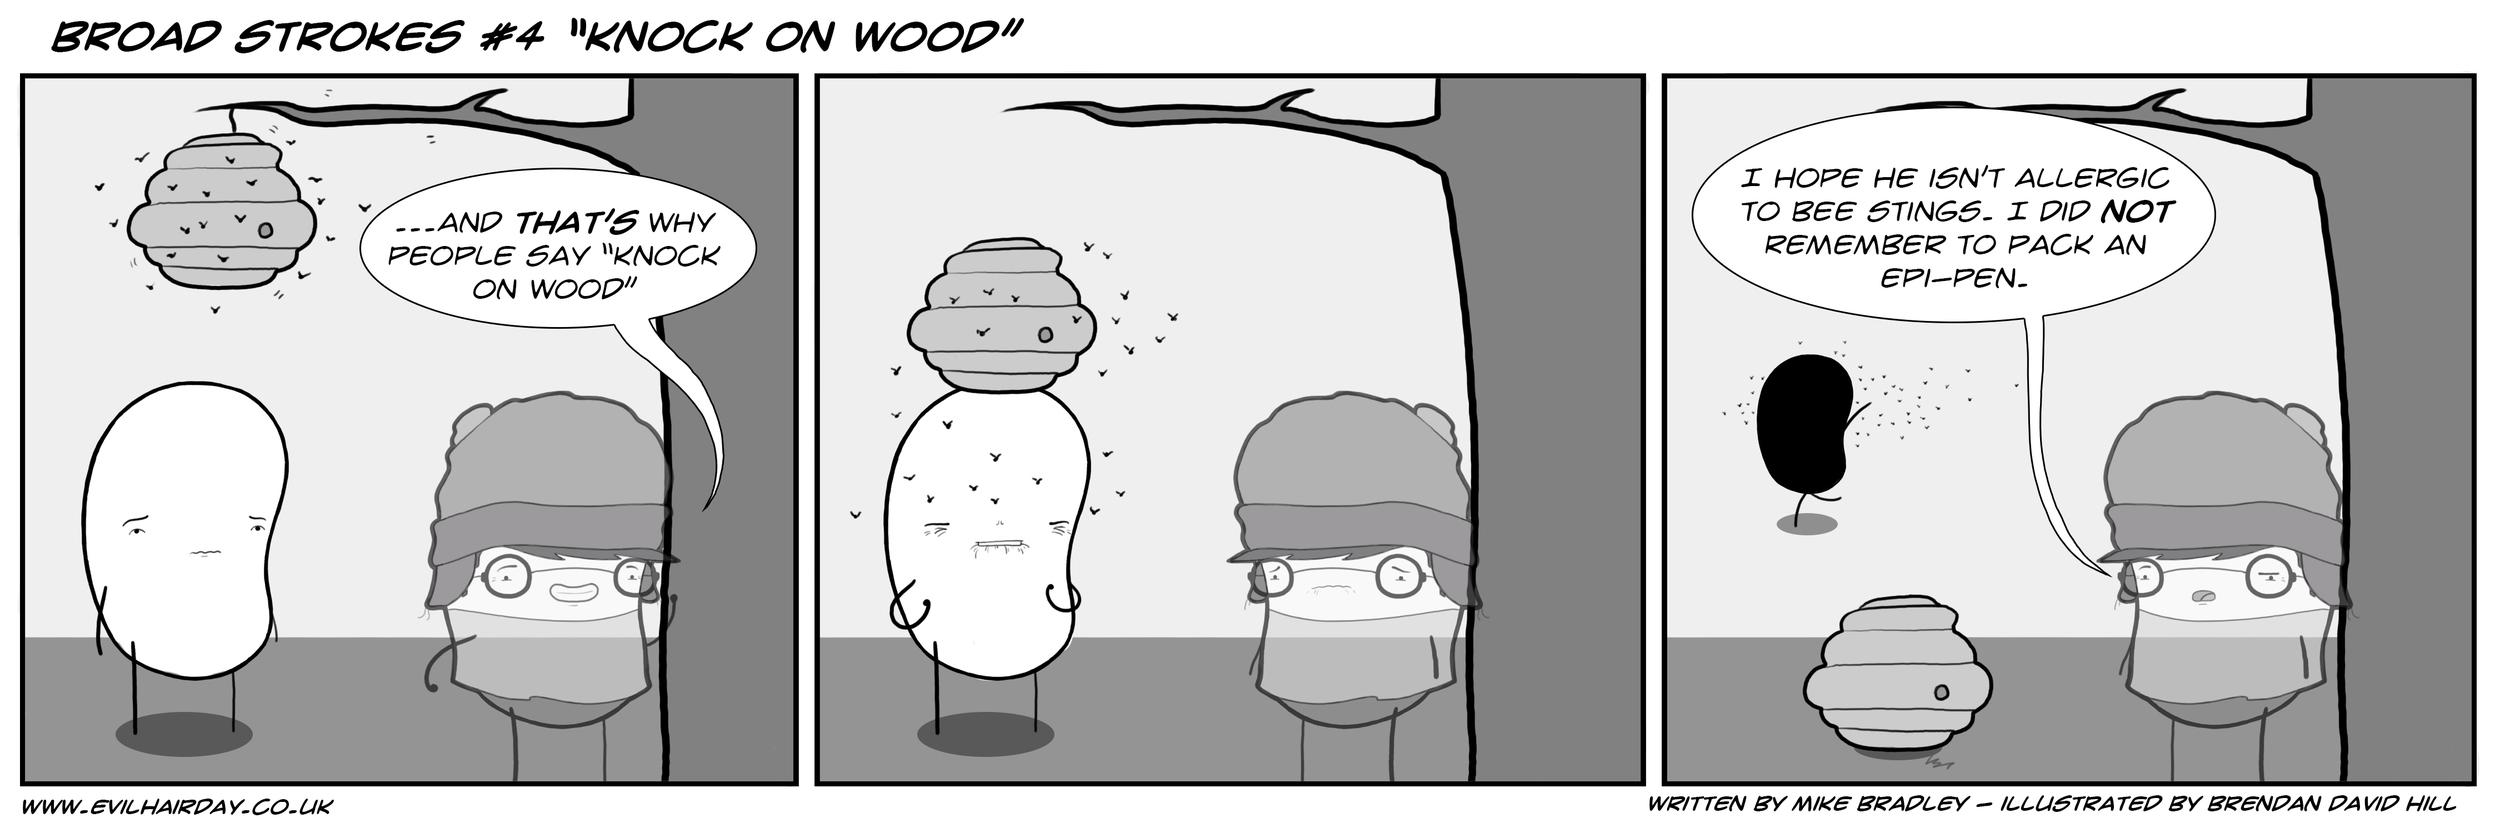 #4 Knock on Wood.jpg